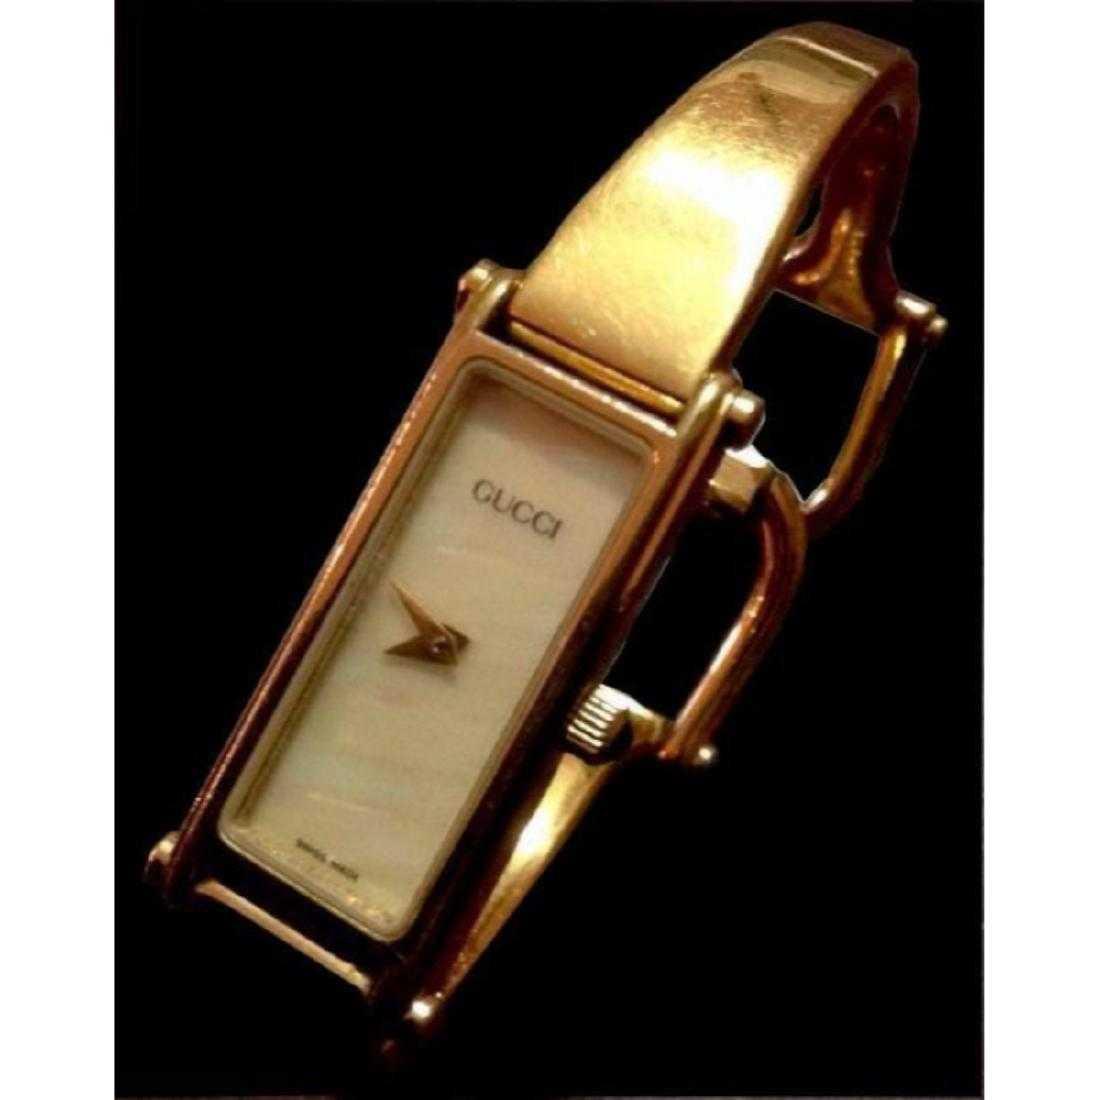 e6593cb8402 Authentic Gucci Ladies Gold Bracelet Wrist Watch